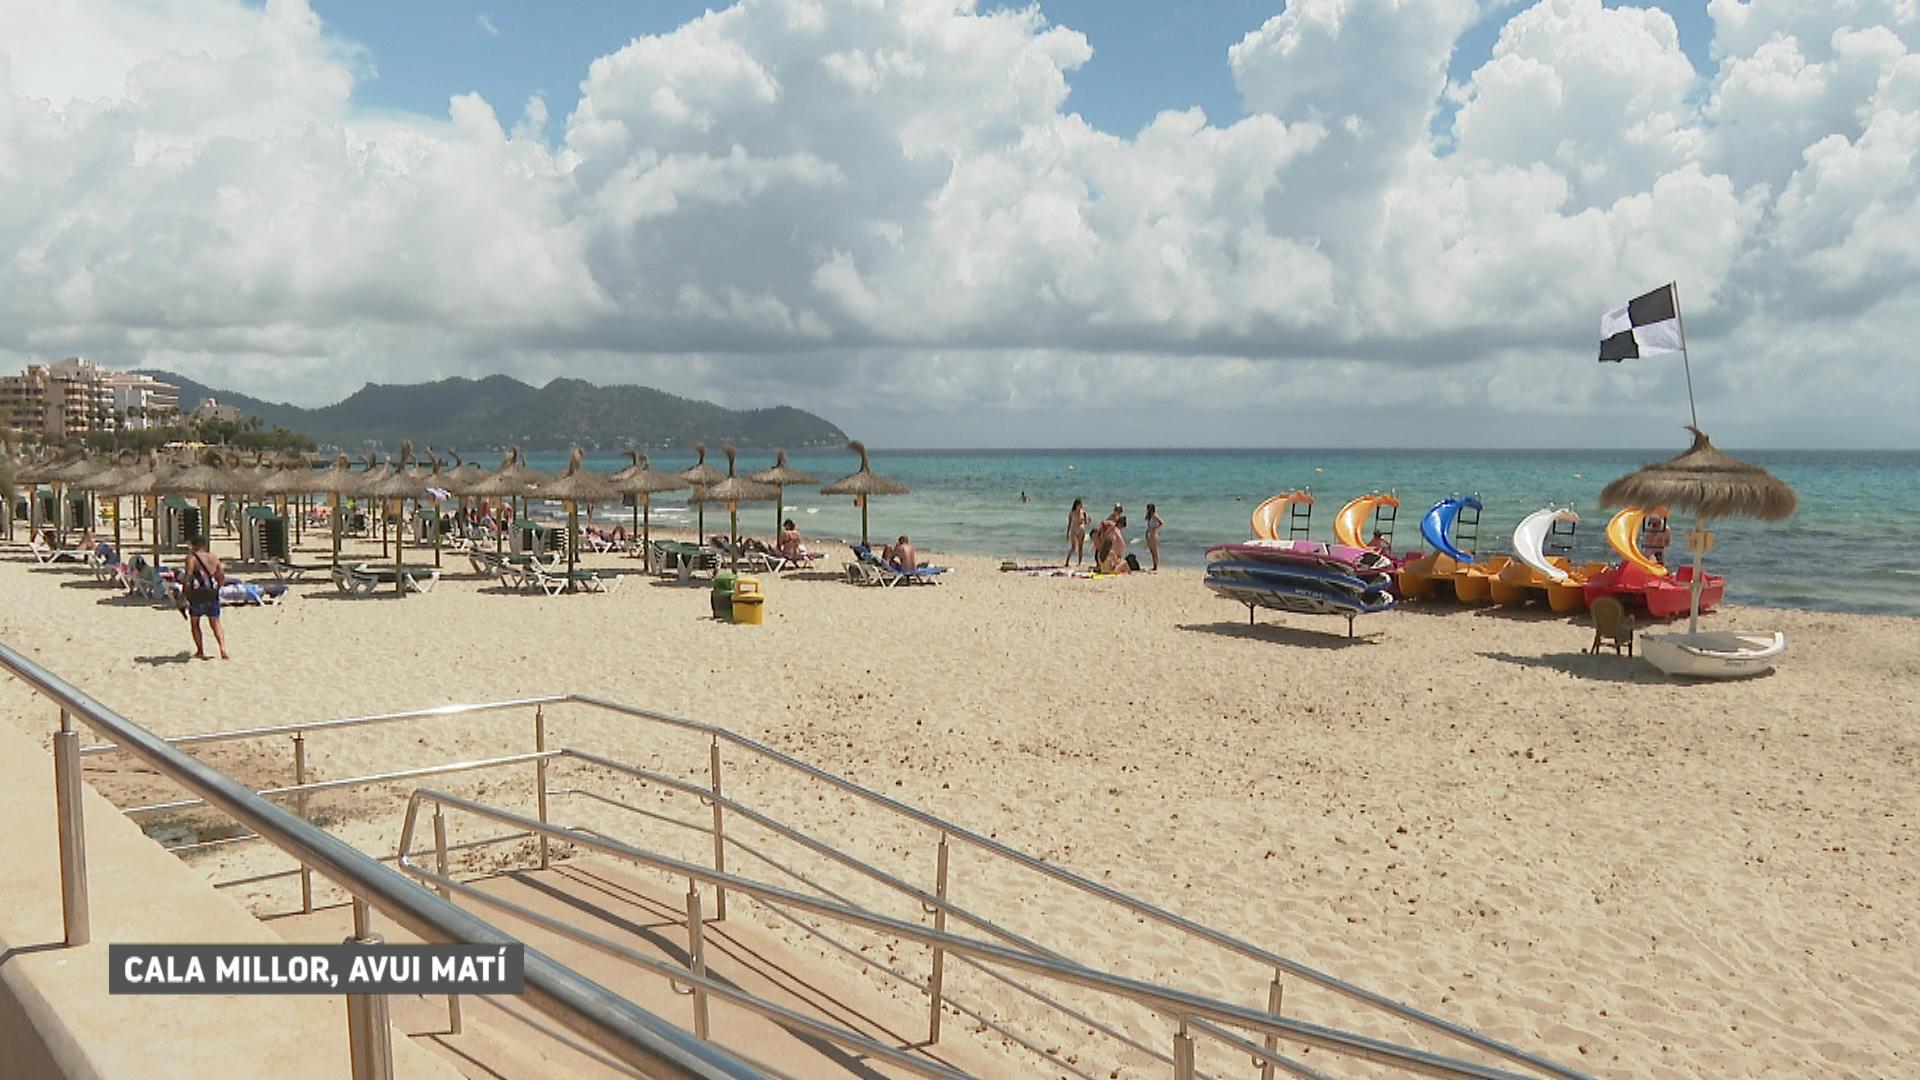 Tanquen+platges+per+la+revetlla+de+Sant+Joan%3A+Cala+Millor+tindr%C3%A0+dos+horaris